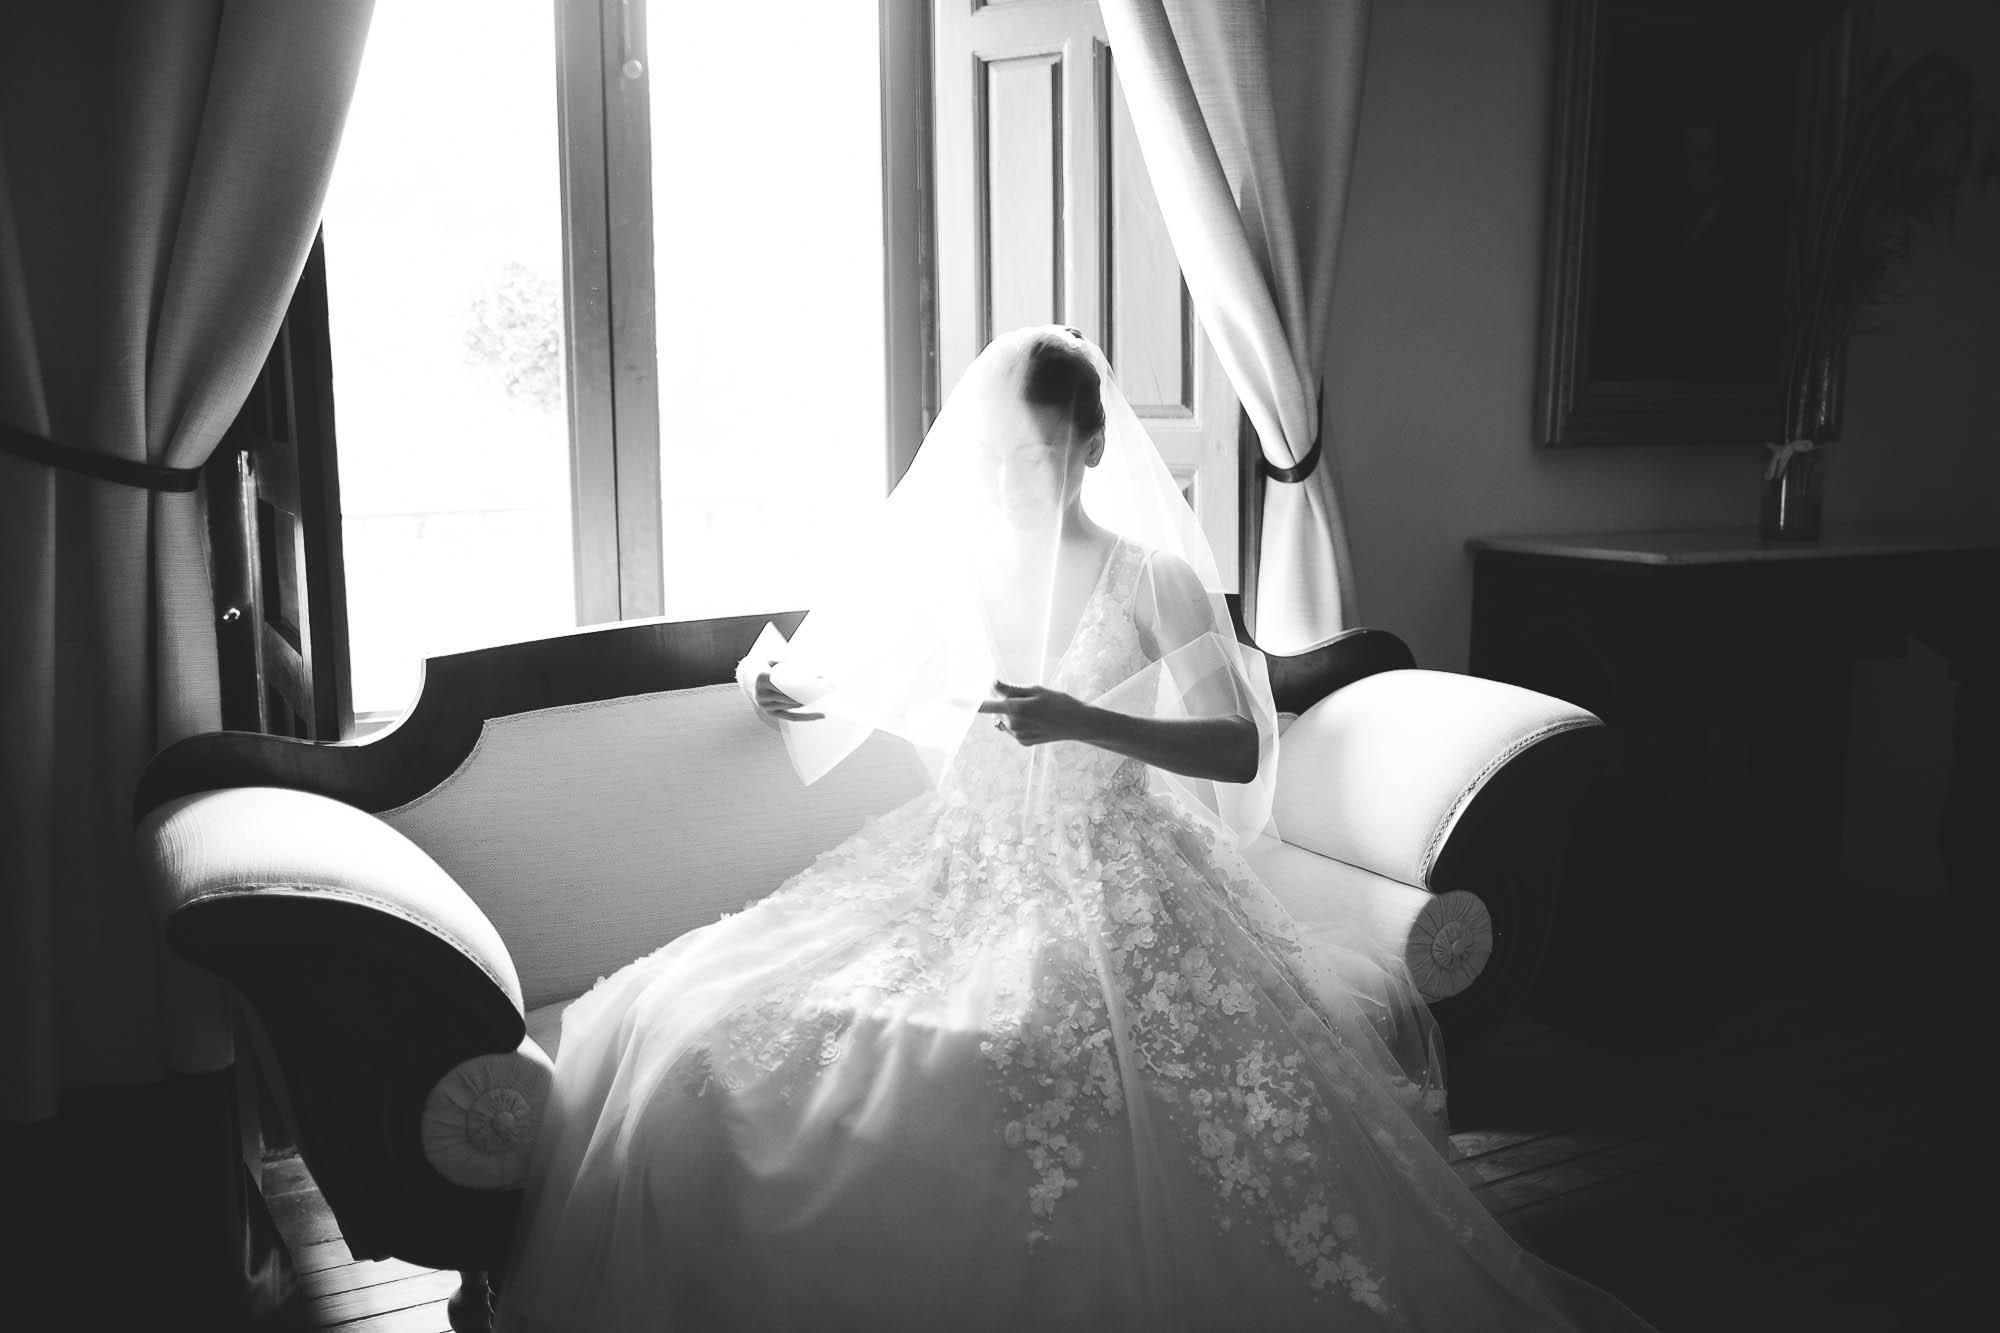 La novia sentada en el Sofá se coloca el velo